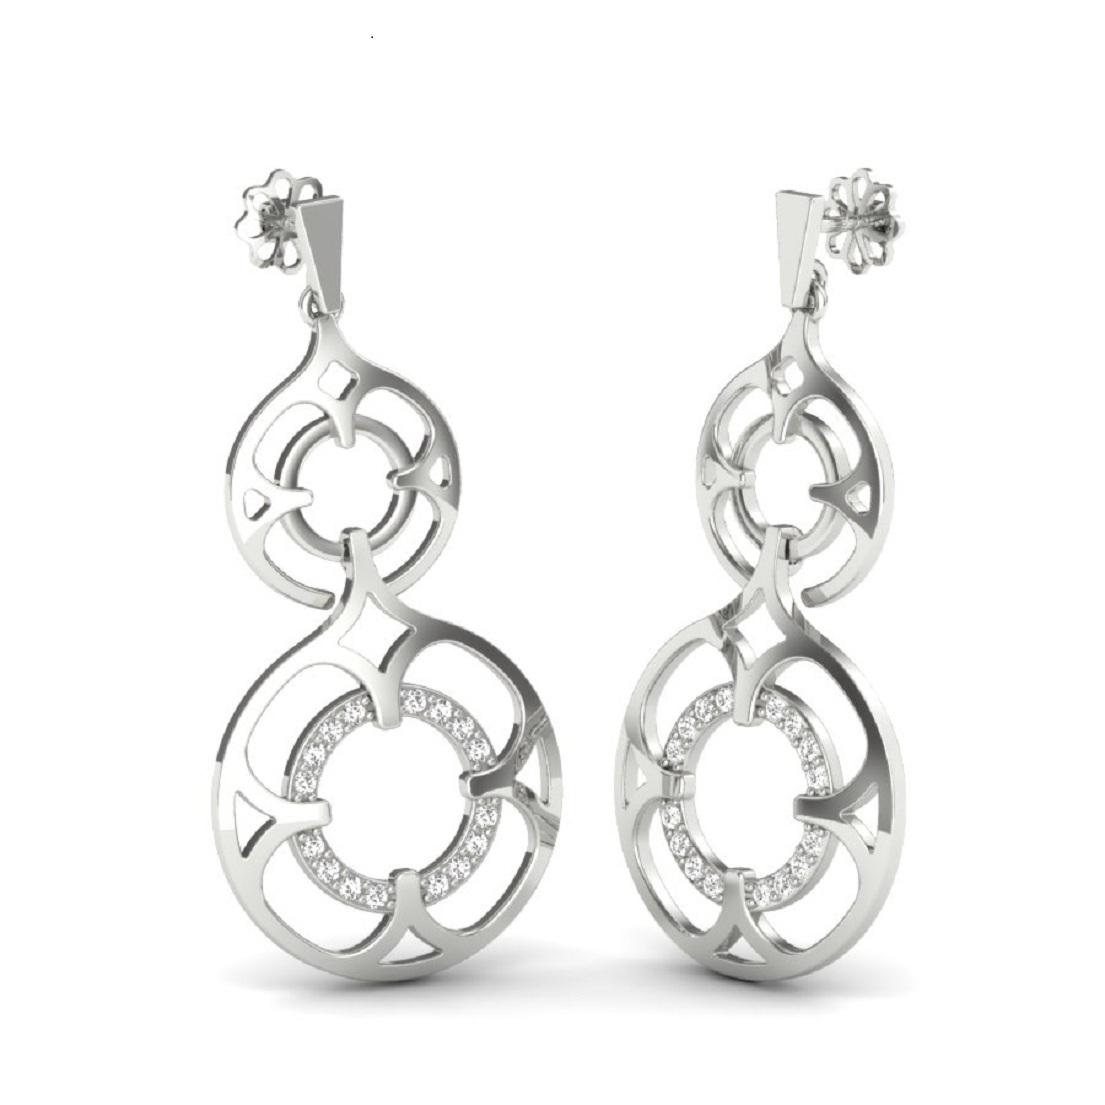 92.5 Silver Earring